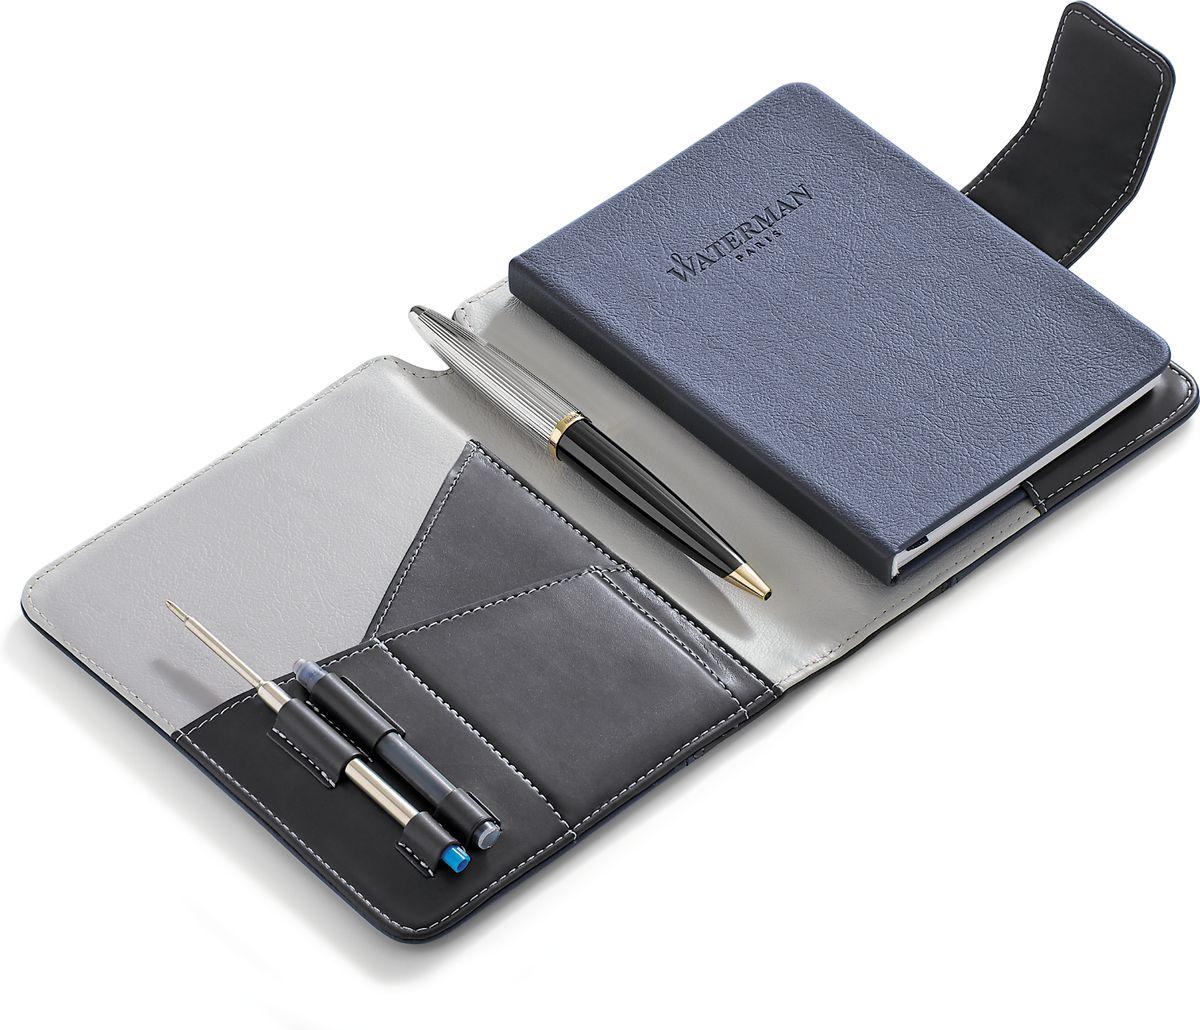 Waterman Шариковая ручка Carene Deluxe Black GT с блокнотомWAT-1978717Шариковая ручка с блокнотом Waterman Carene Deluxe Black GT - это высококачественный канцелярский набор, который будет незаменимым аксессуаром для любого делового человека, а также станет превосходным подарком. В набор входит шариковая ручка, блокнот, стержень и резервуар с чернилами. Блокнот для путешественника с тканевой закладкой-полоской и магнитной застежкой имеет обложку из экокожи,не разлинован, внутренний блок представлен 40 белыми листами. Шариковая ручка Carene Deluxe Black GT имеет лакированный черный корпус, посеребренные и позолоченные детали. Цвет чернил - синий.